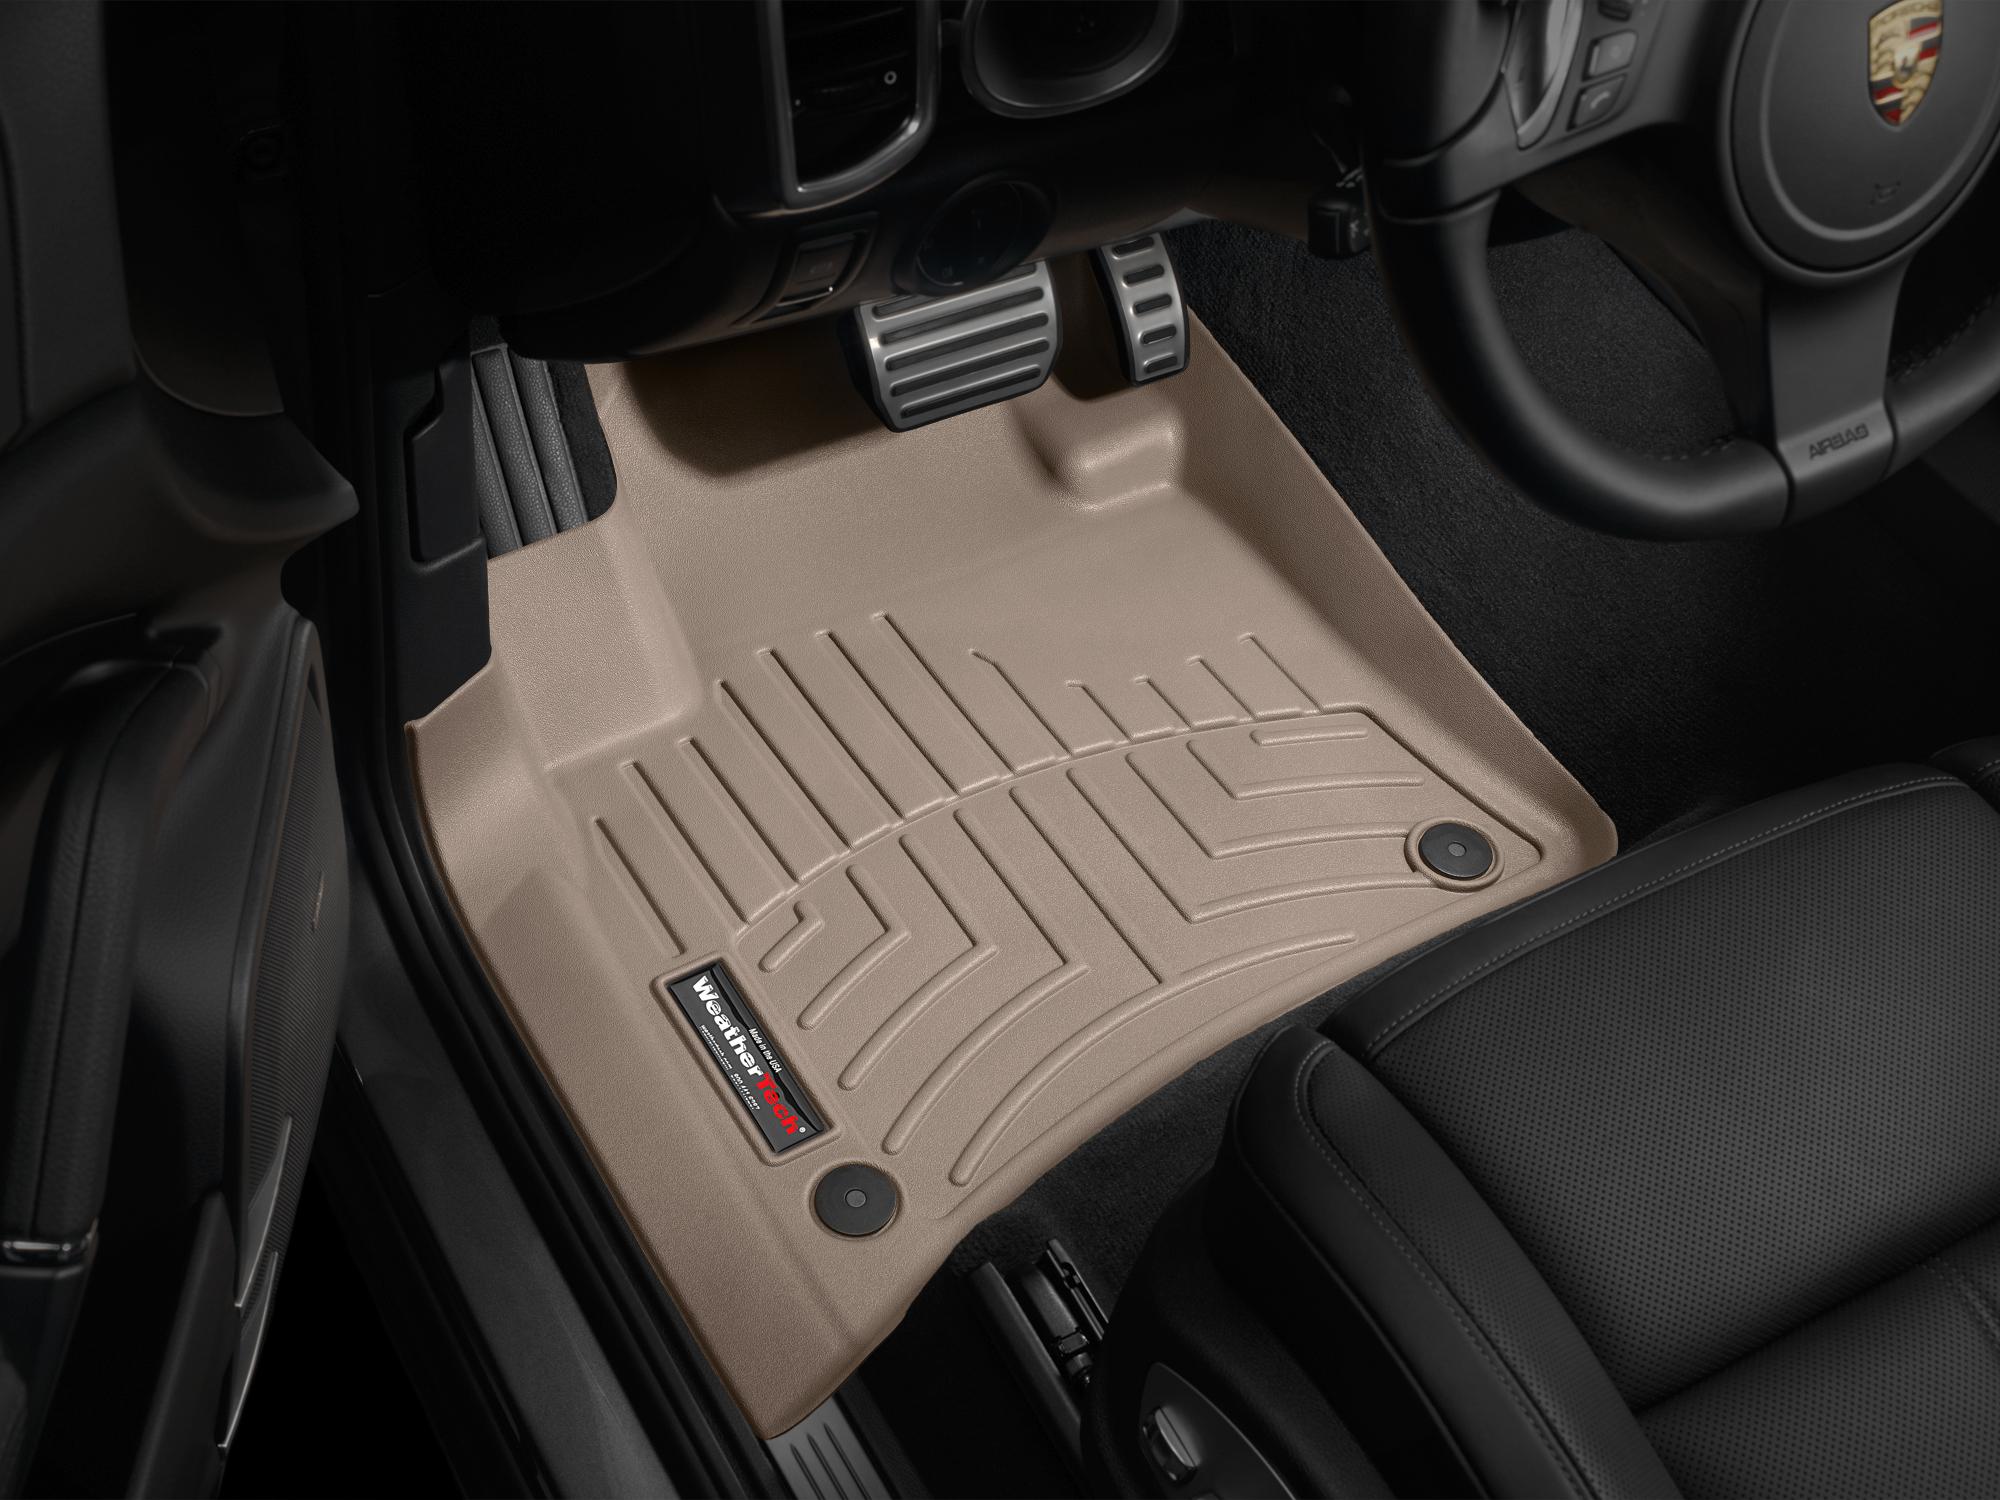 Tappeti gomma su misura bordo alto Volkswagen Touareg 10>10 Marrone A4316*